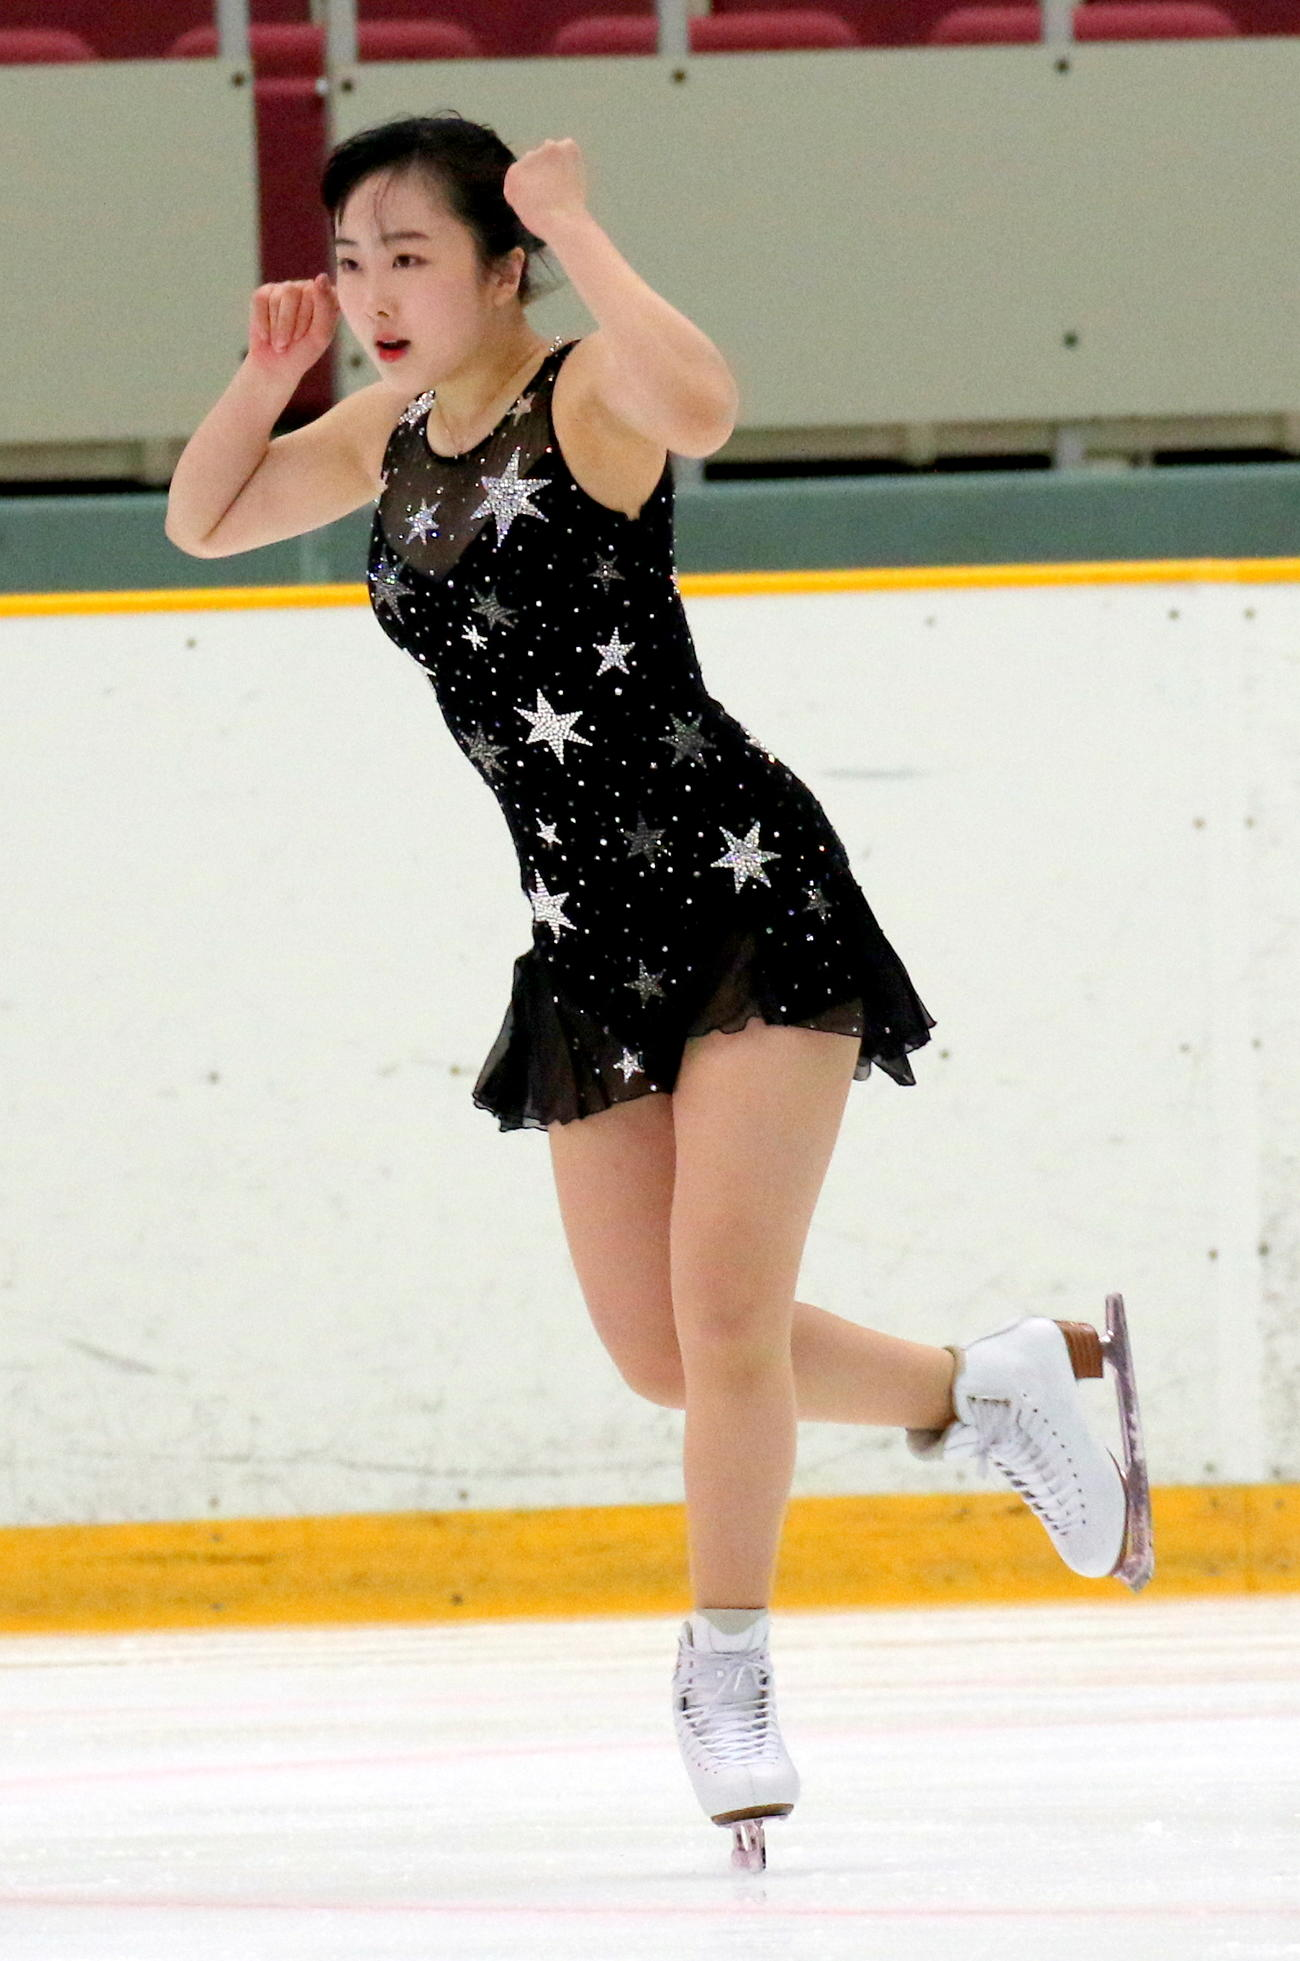 全国高校スケート選手権フィギュア競技 女子予選B(SP)で演技する青森山田1年の本田望結(撮影・木下淳)